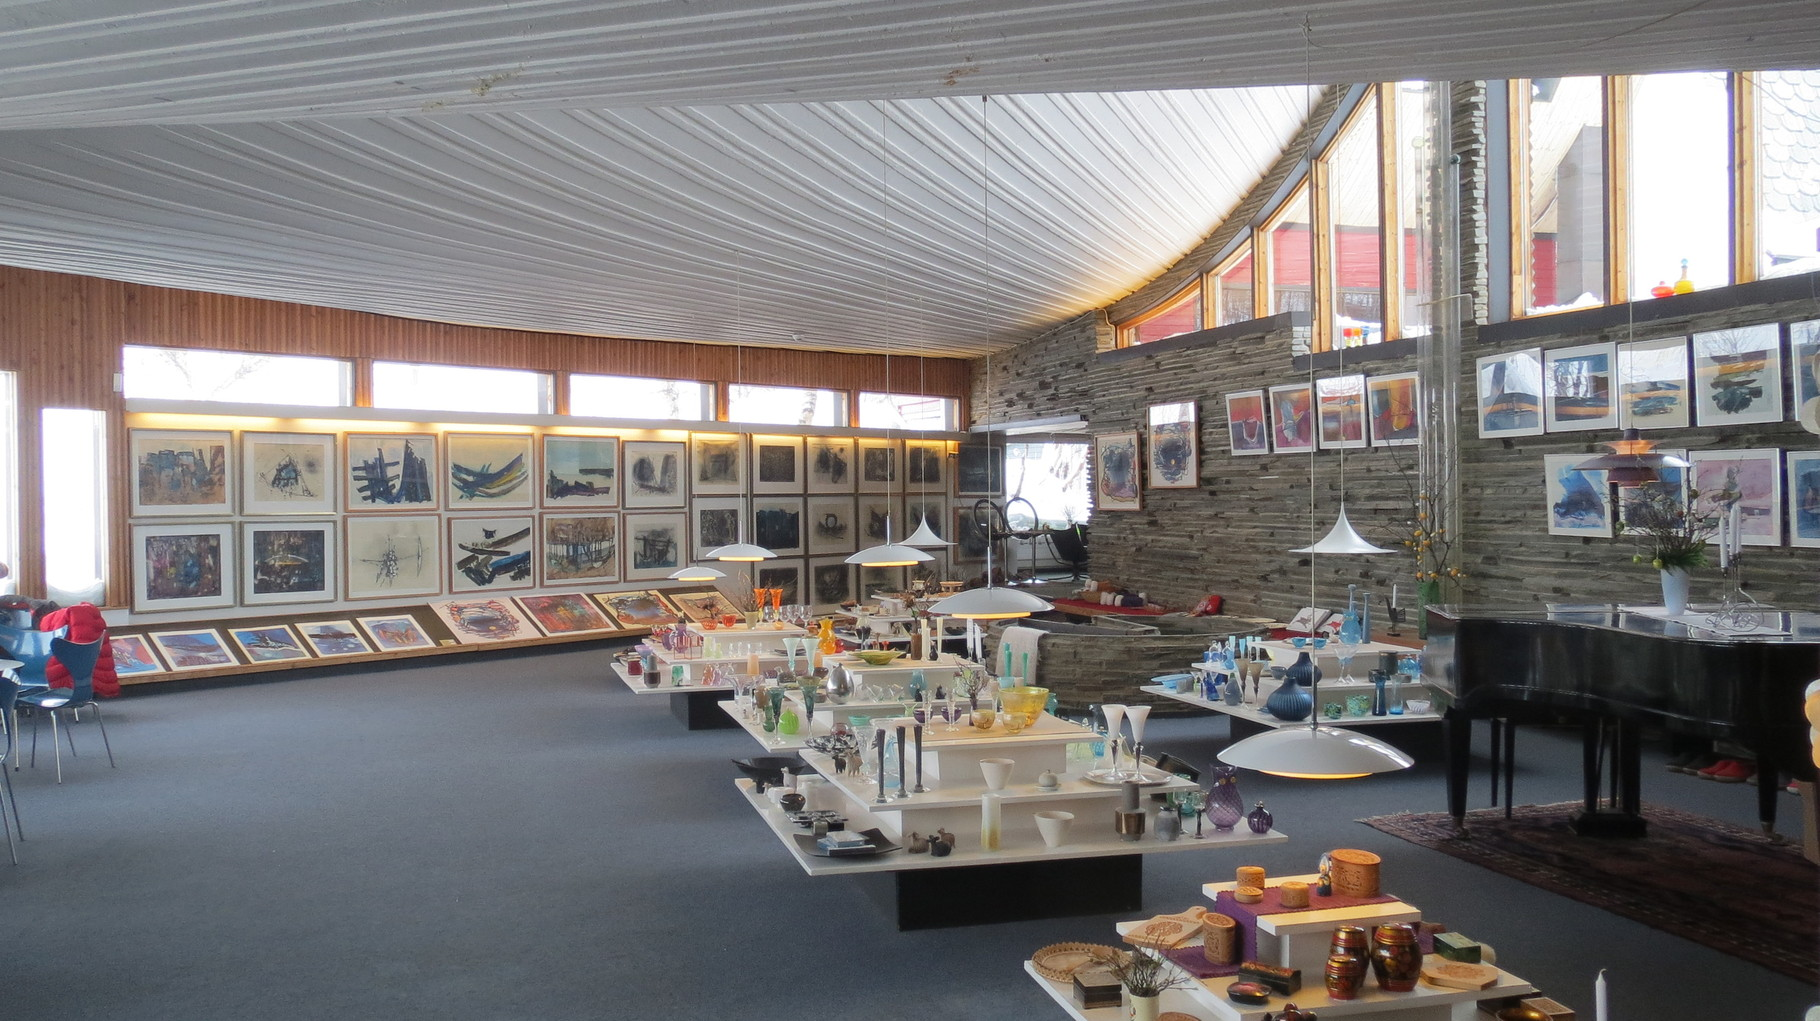 ... werden inzwischen auch Keramik-, Glas- und andere Handwerkskunst der Region ausgestellt und verkauft.